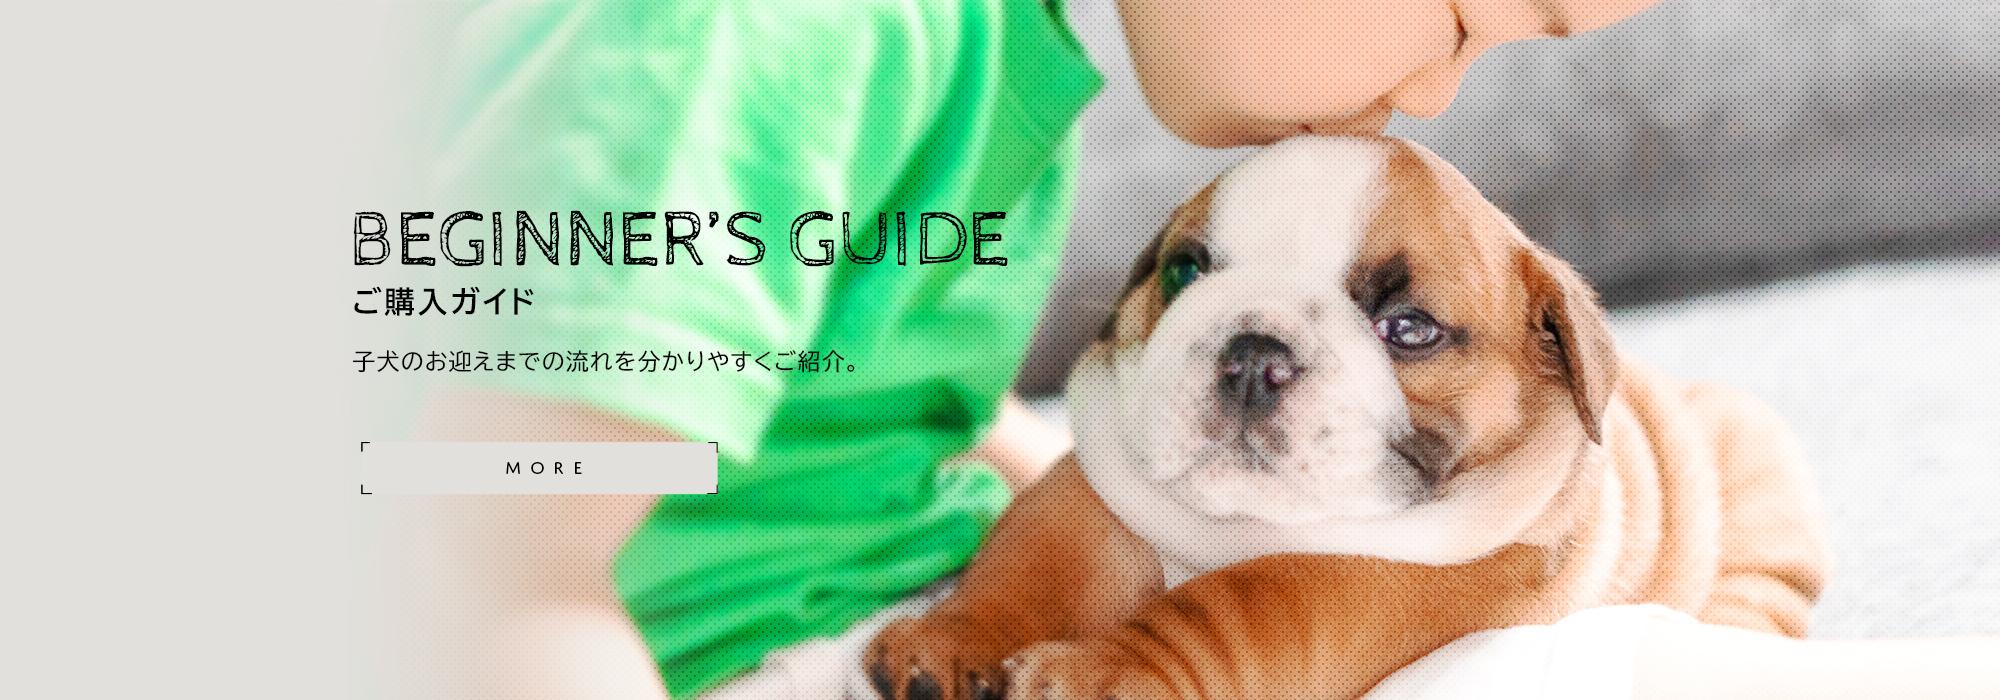 ご購入ガイド 子犬のお迎えまでの流れを分かりやすくご紹介。